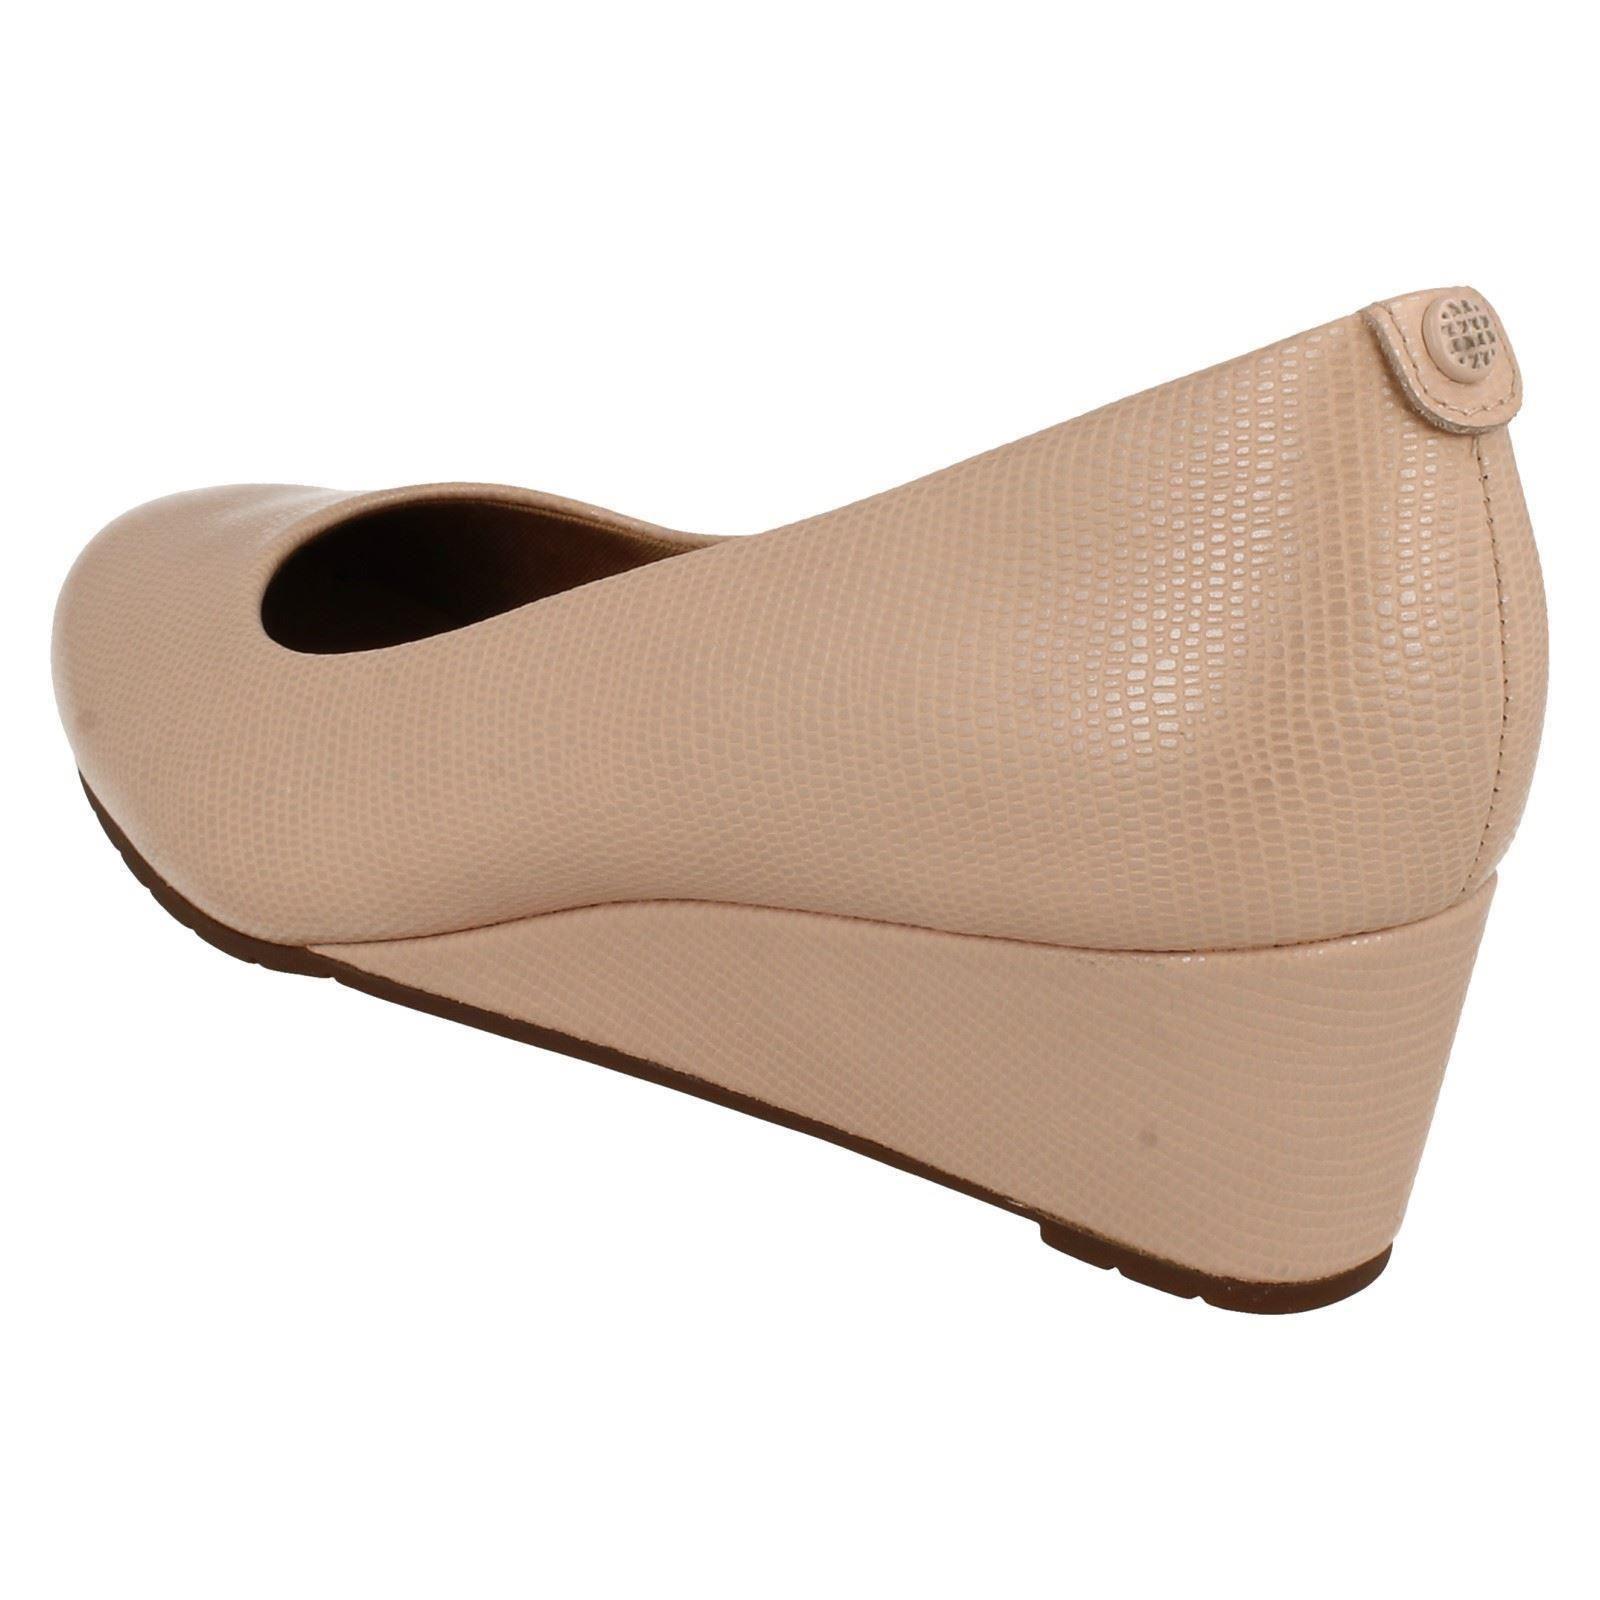 Femmes Clarks Compensés bas Formelle à Enfiler Cuir Cour Chaussures vendra Bloom